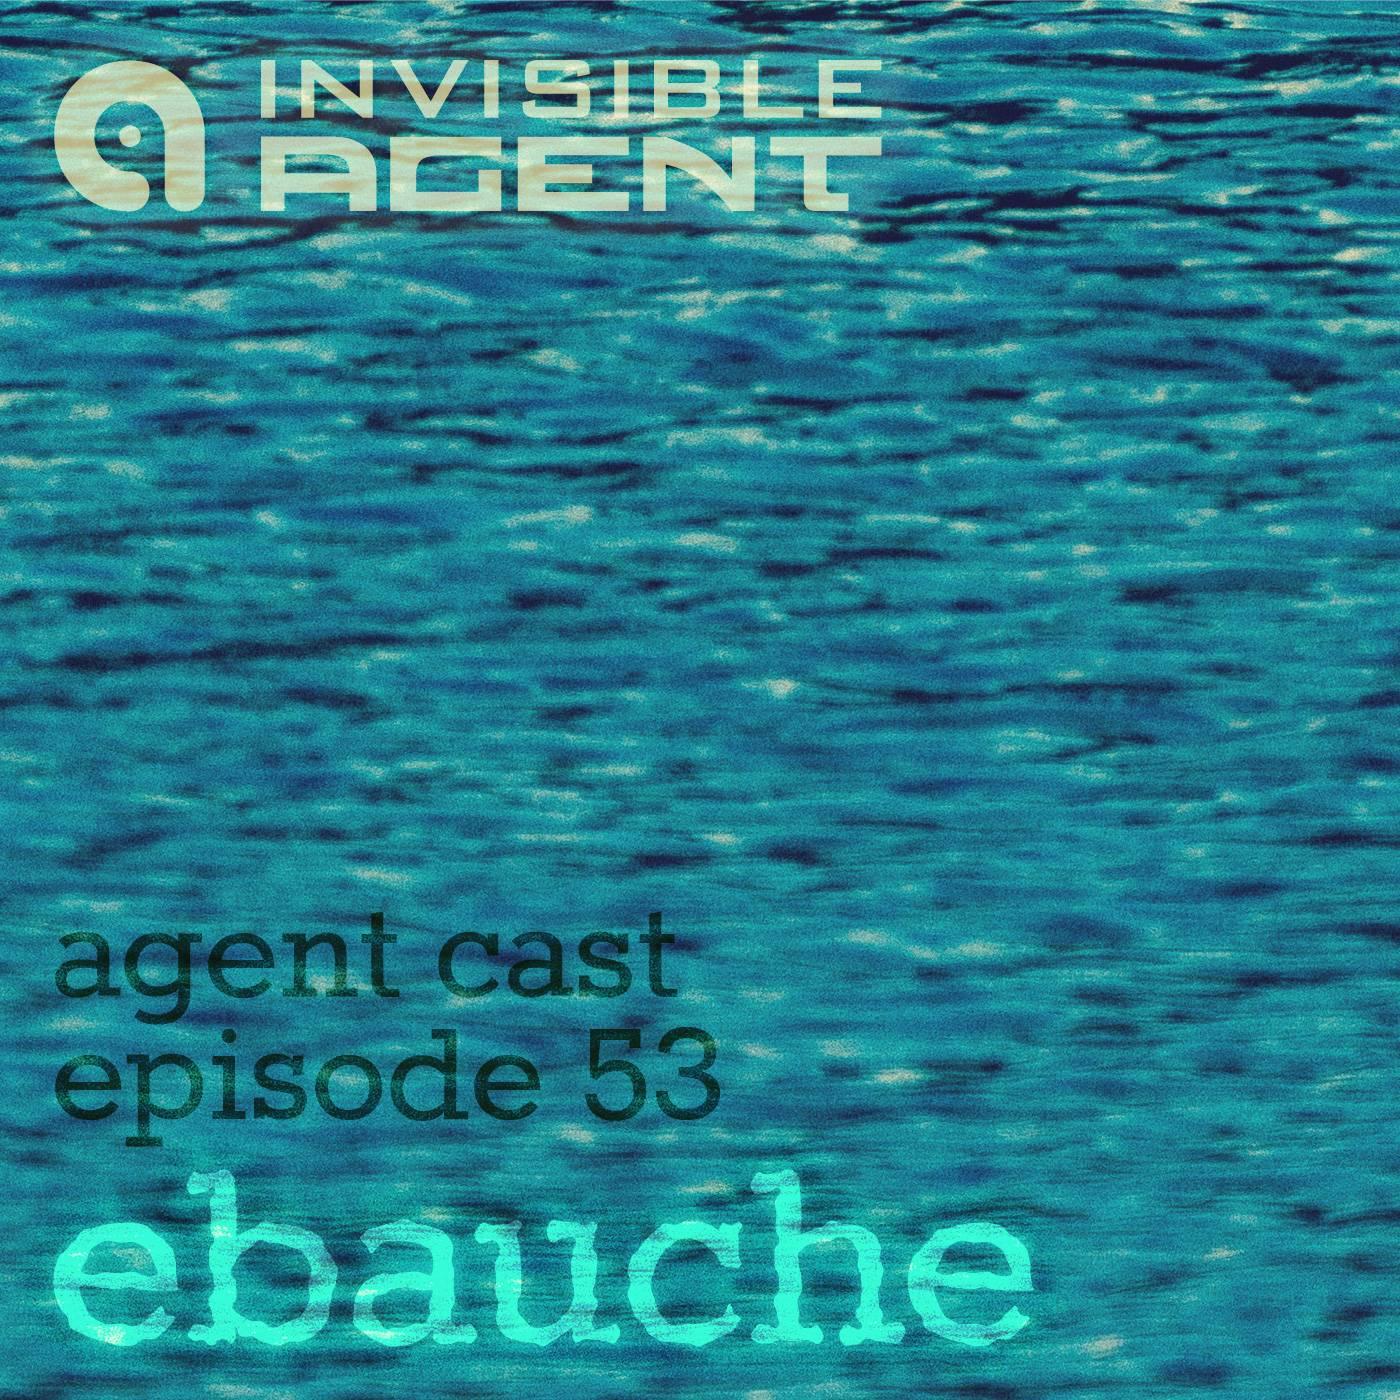 ebauche agentcast 53 podcast cover artwork